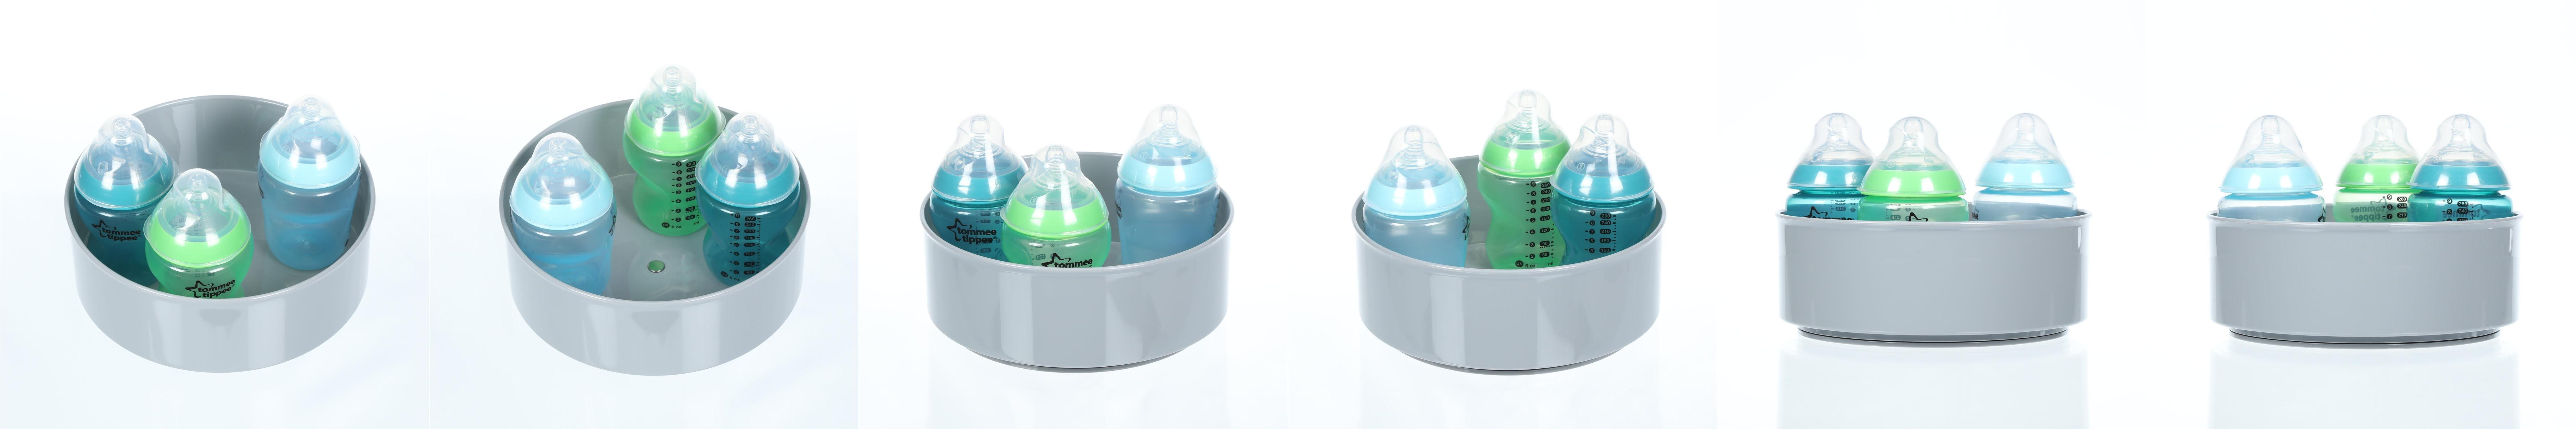 mDesign Estante giratorio para accesorios Bandeja redonda para accesorios de beb/é como biberones o chupetes Organizador con base giratoria en pl/ástico sin BPA y acero crema